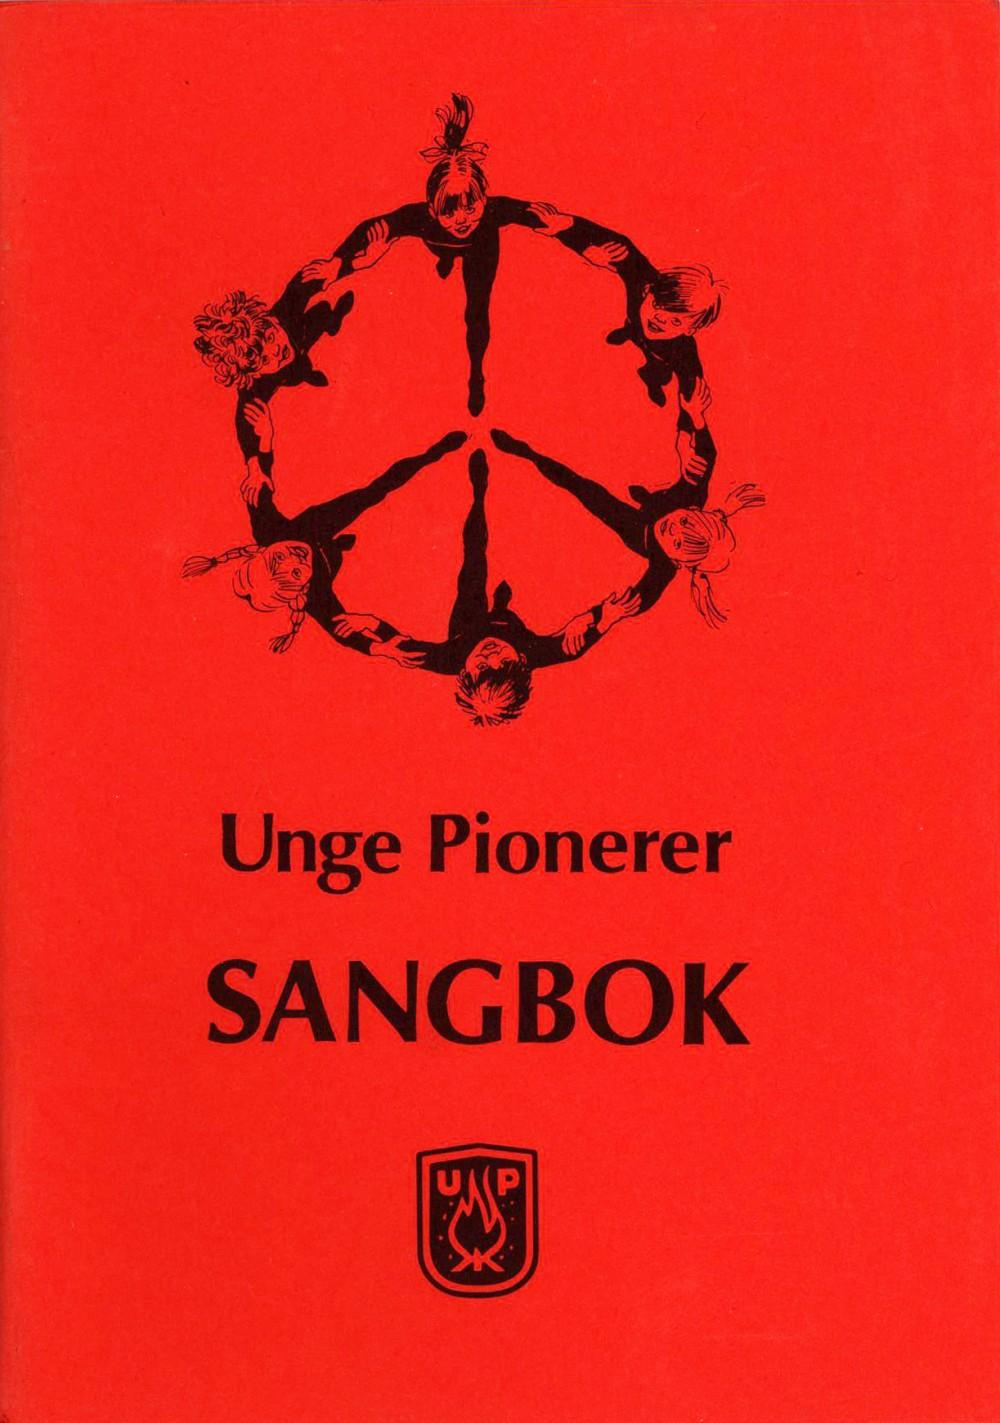 Unge Pionerer - Sangbok